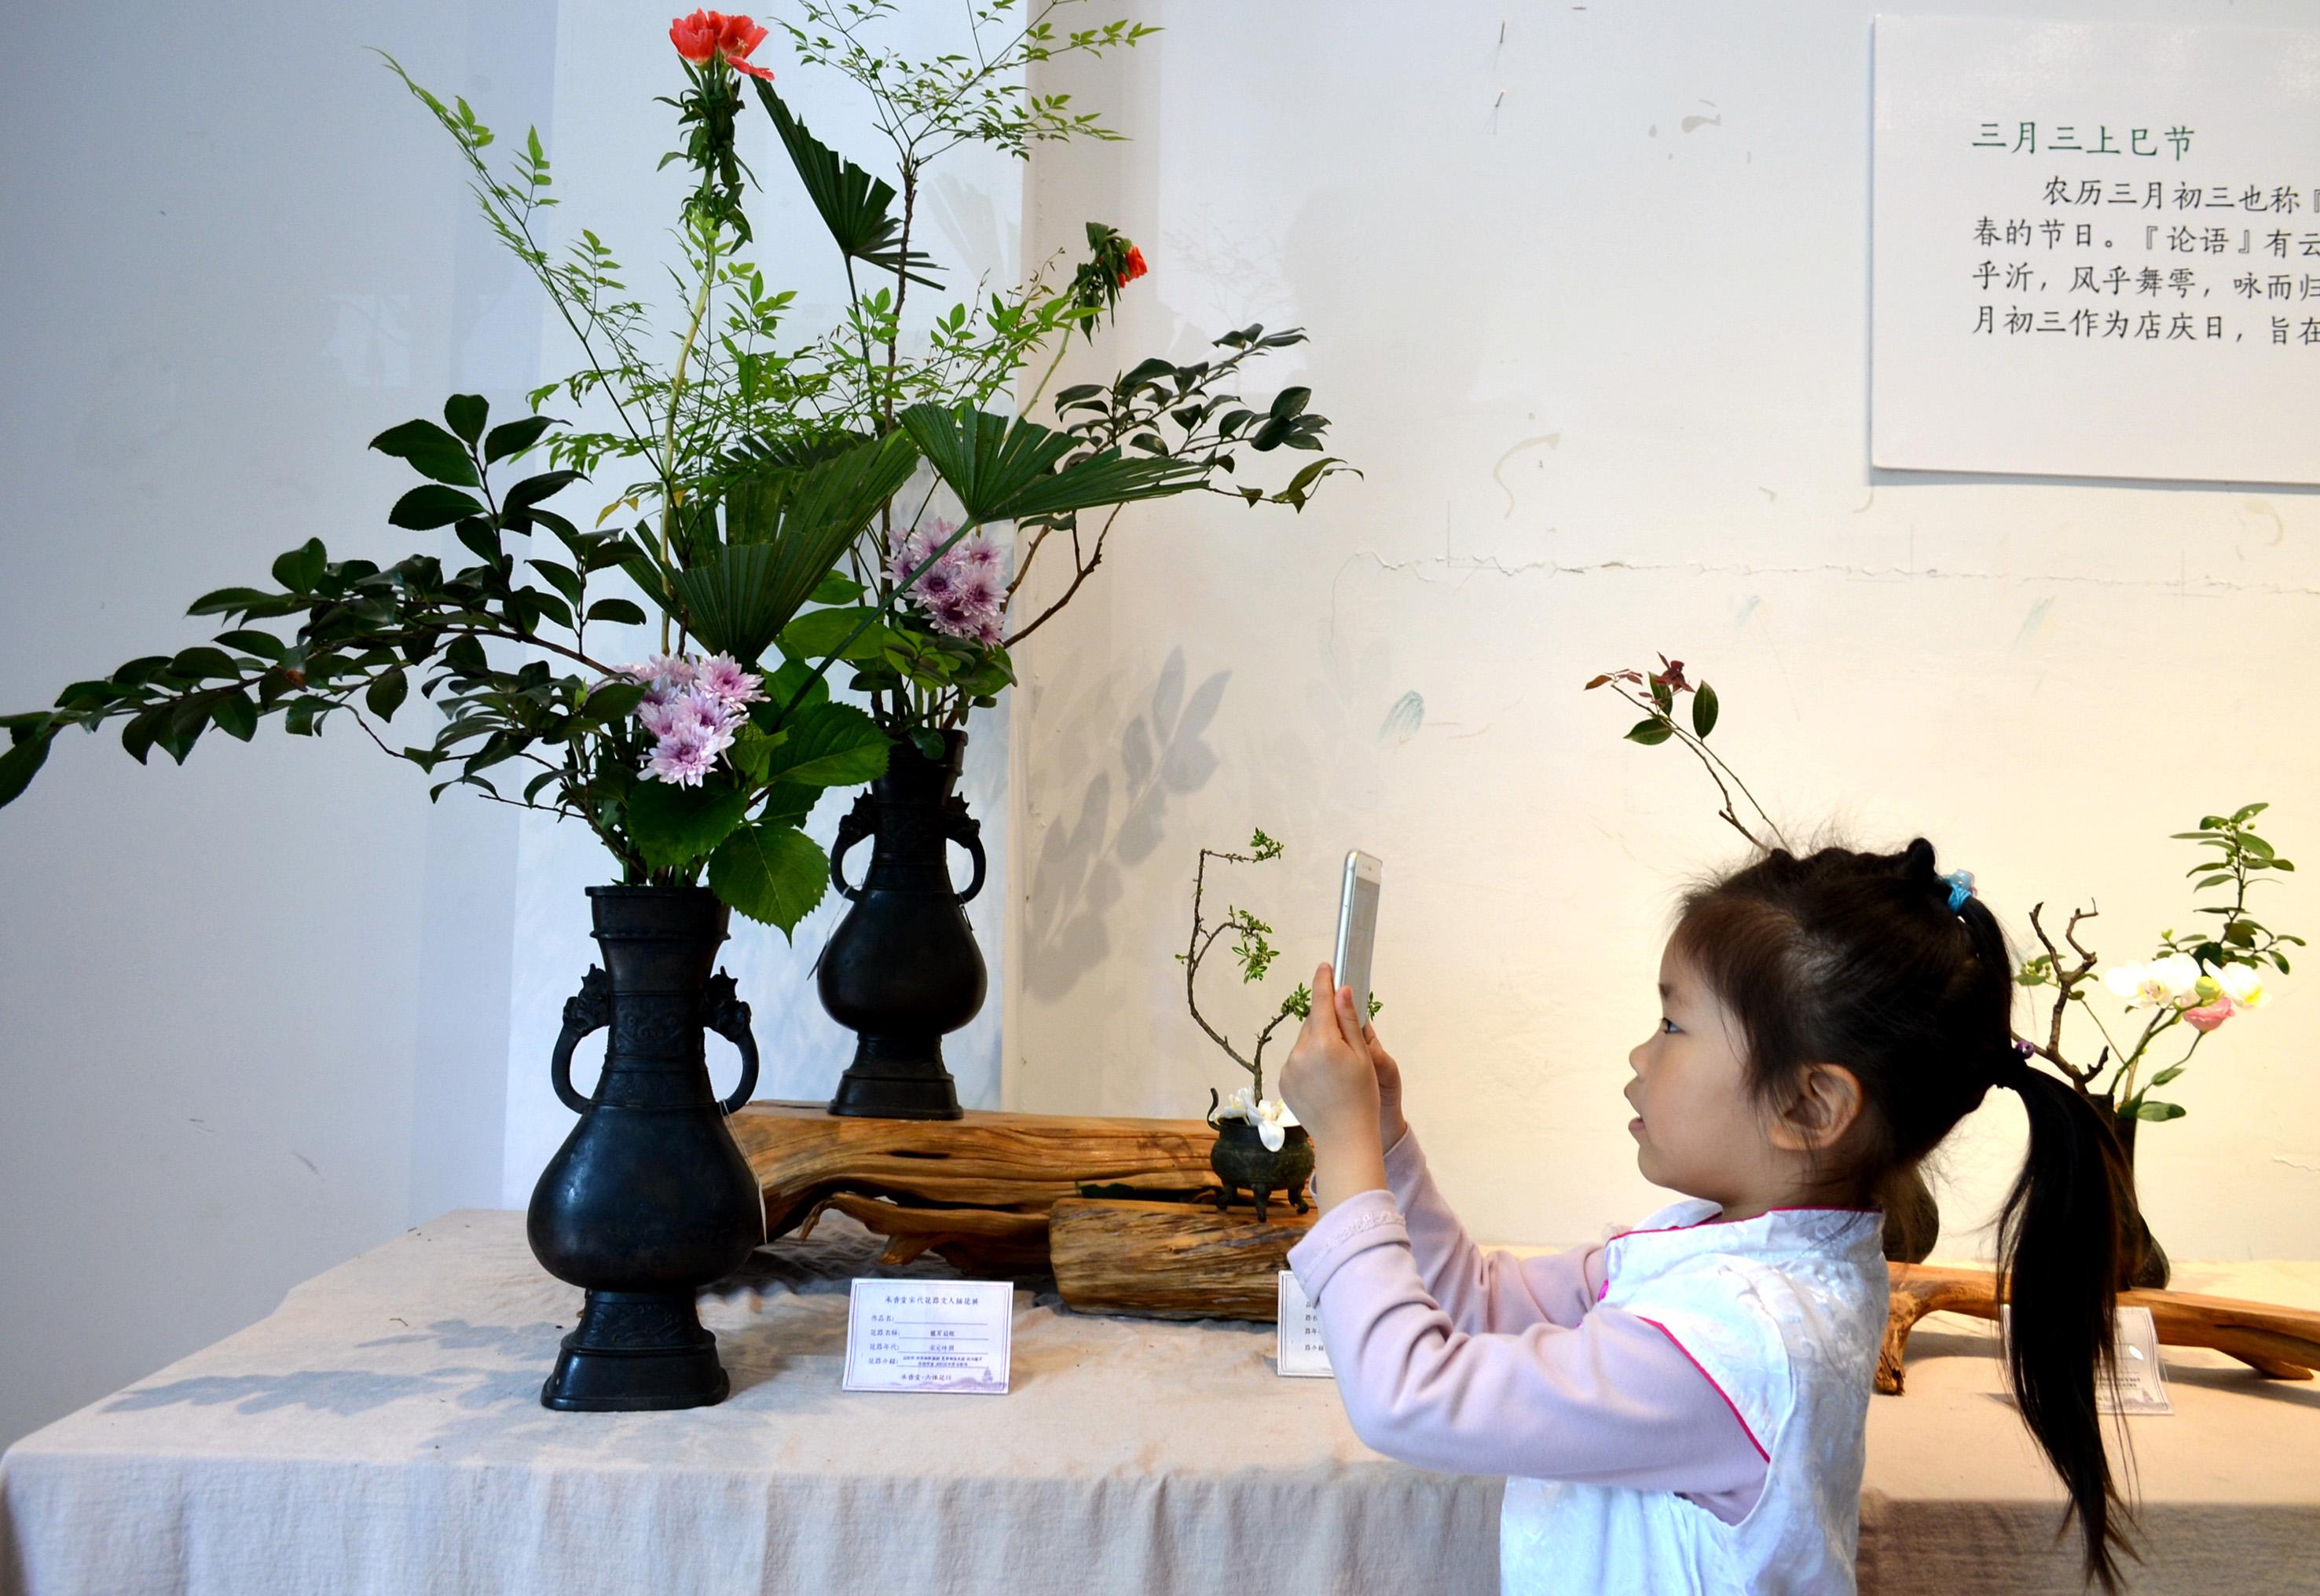 杭州:宋代花器与传统插花的艺术碰撞